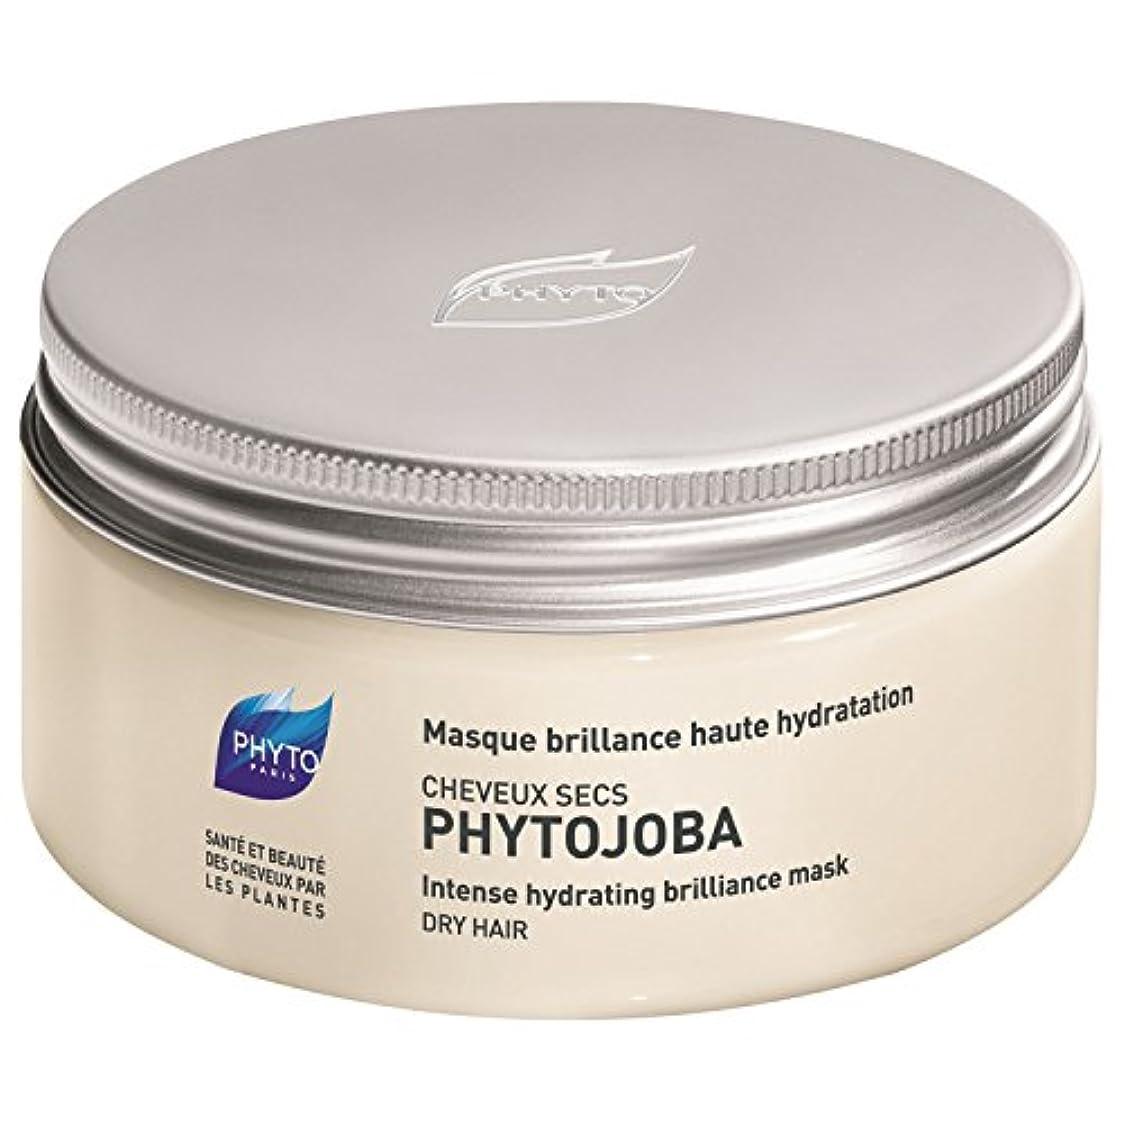 く故国こだわりフィトPhytojoba強烈な水分補給マスク200ミリリットル (Phyto) (x2) - Phyto Phytojoba Intense Hydrating Mask 200ml (Pack of 2) [並行輸入品]